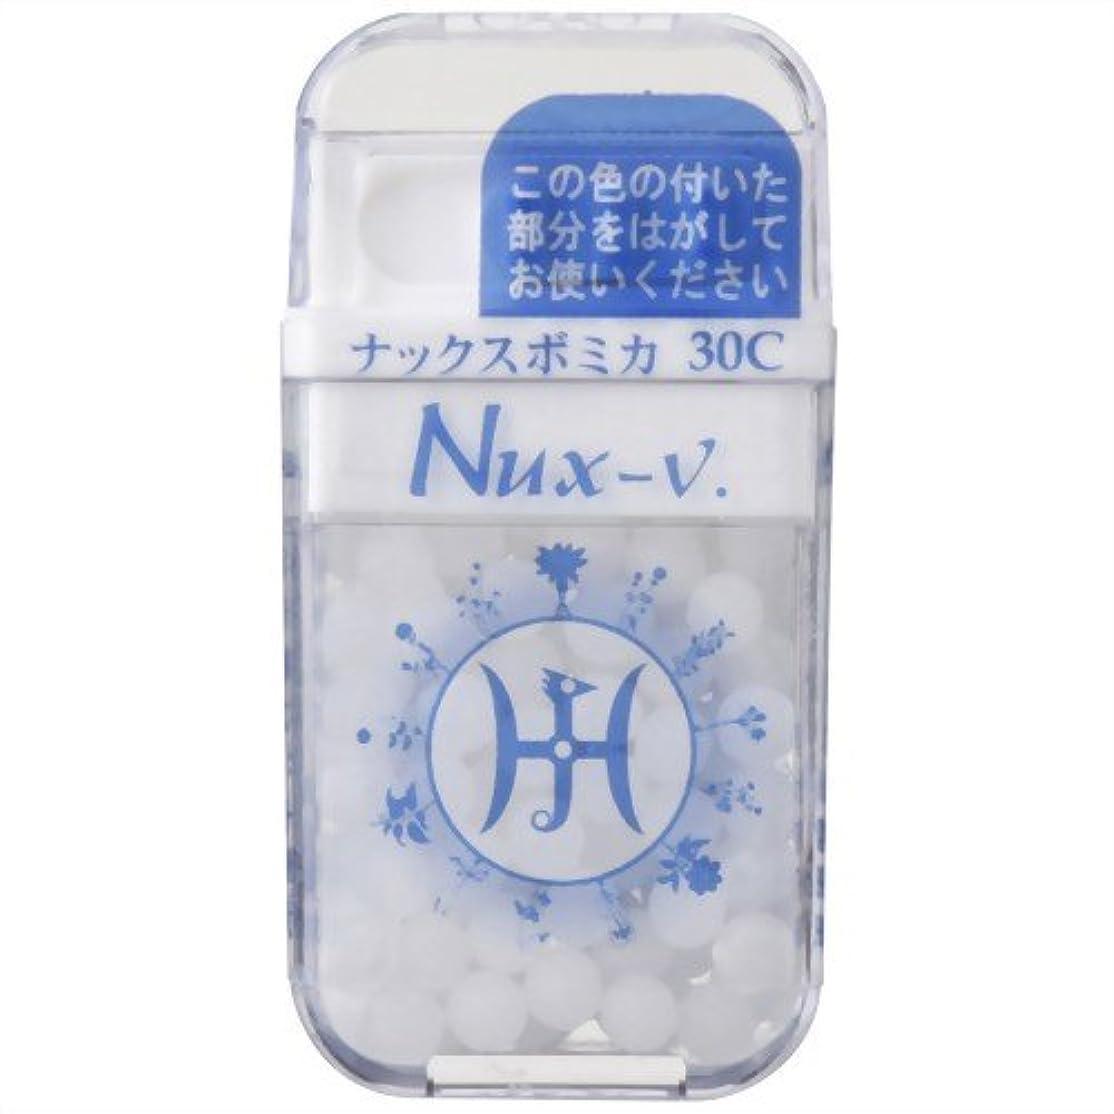 雹嫌がる治すホメオパシージャパンレメディー Nux-v.  ナックスボミカ  30C (大ビン)